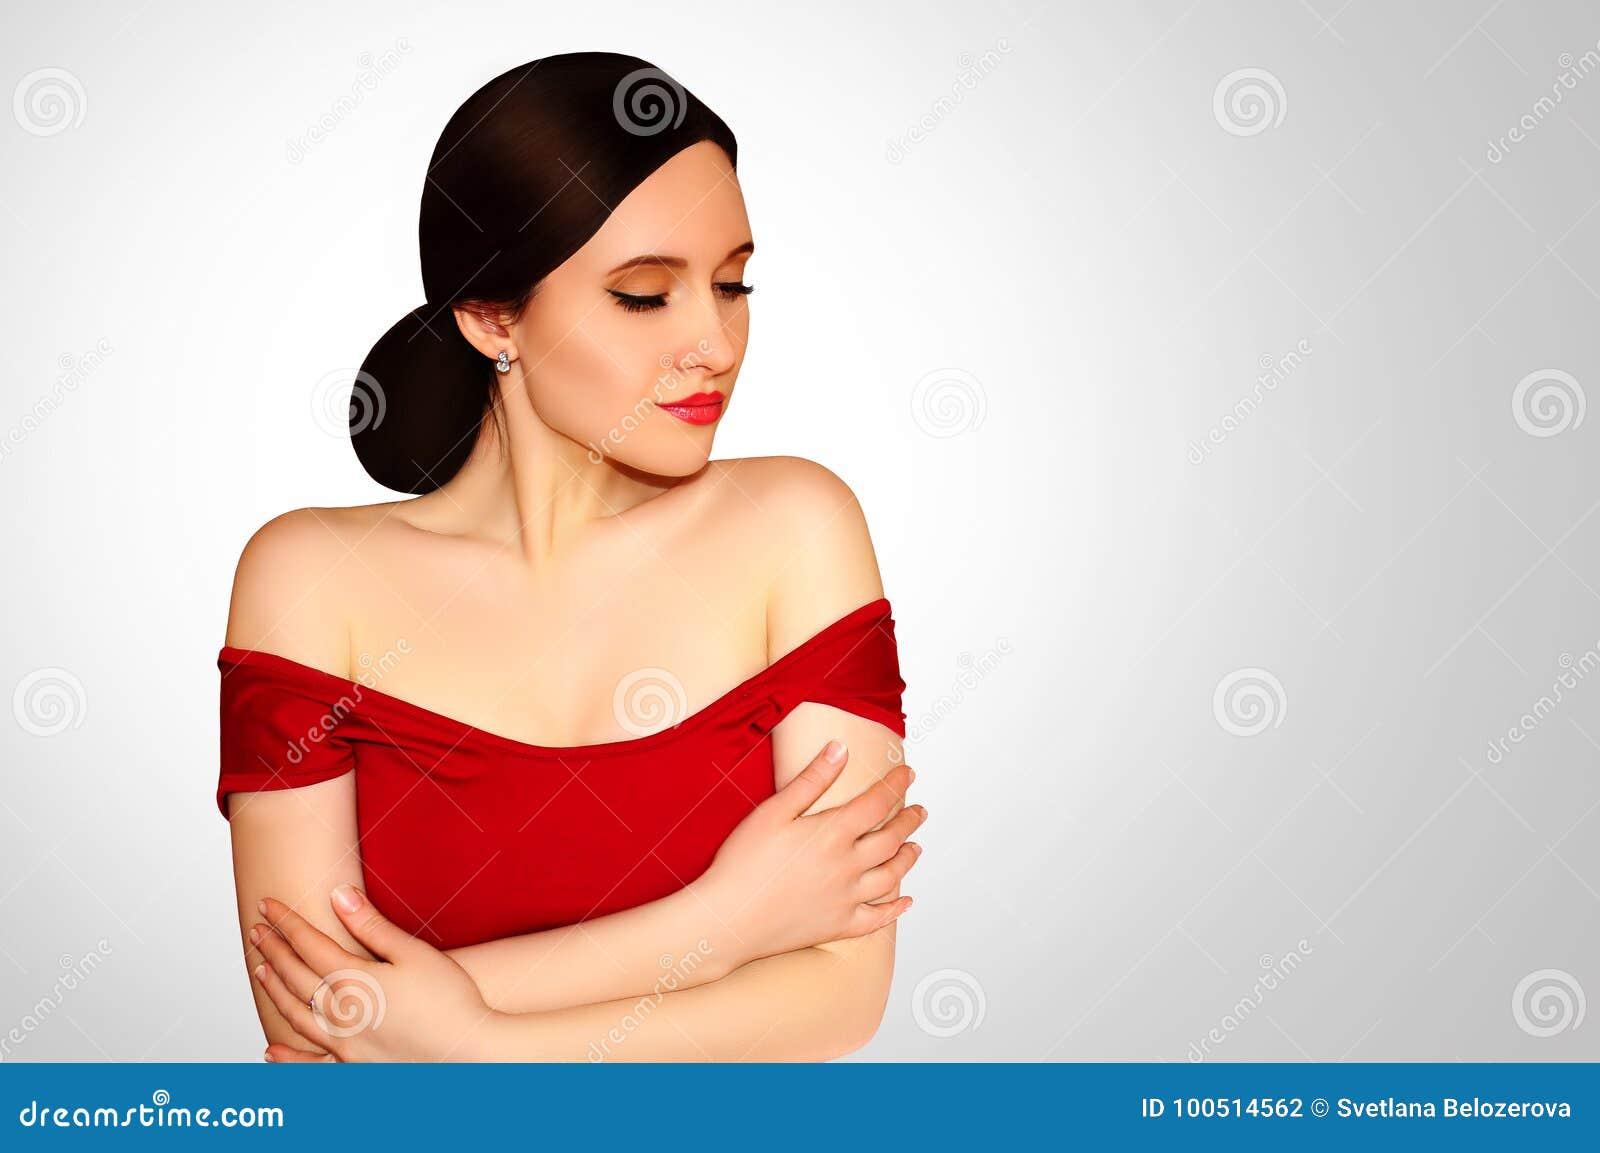 4afe42d93ad Όμορφο κορίτσι σε ένα κόκκινο φόρεμα με τους γυμνούς ώμους και κόκκινο  κραγιόν στο ανοικτό γκρι υπόβαθρο